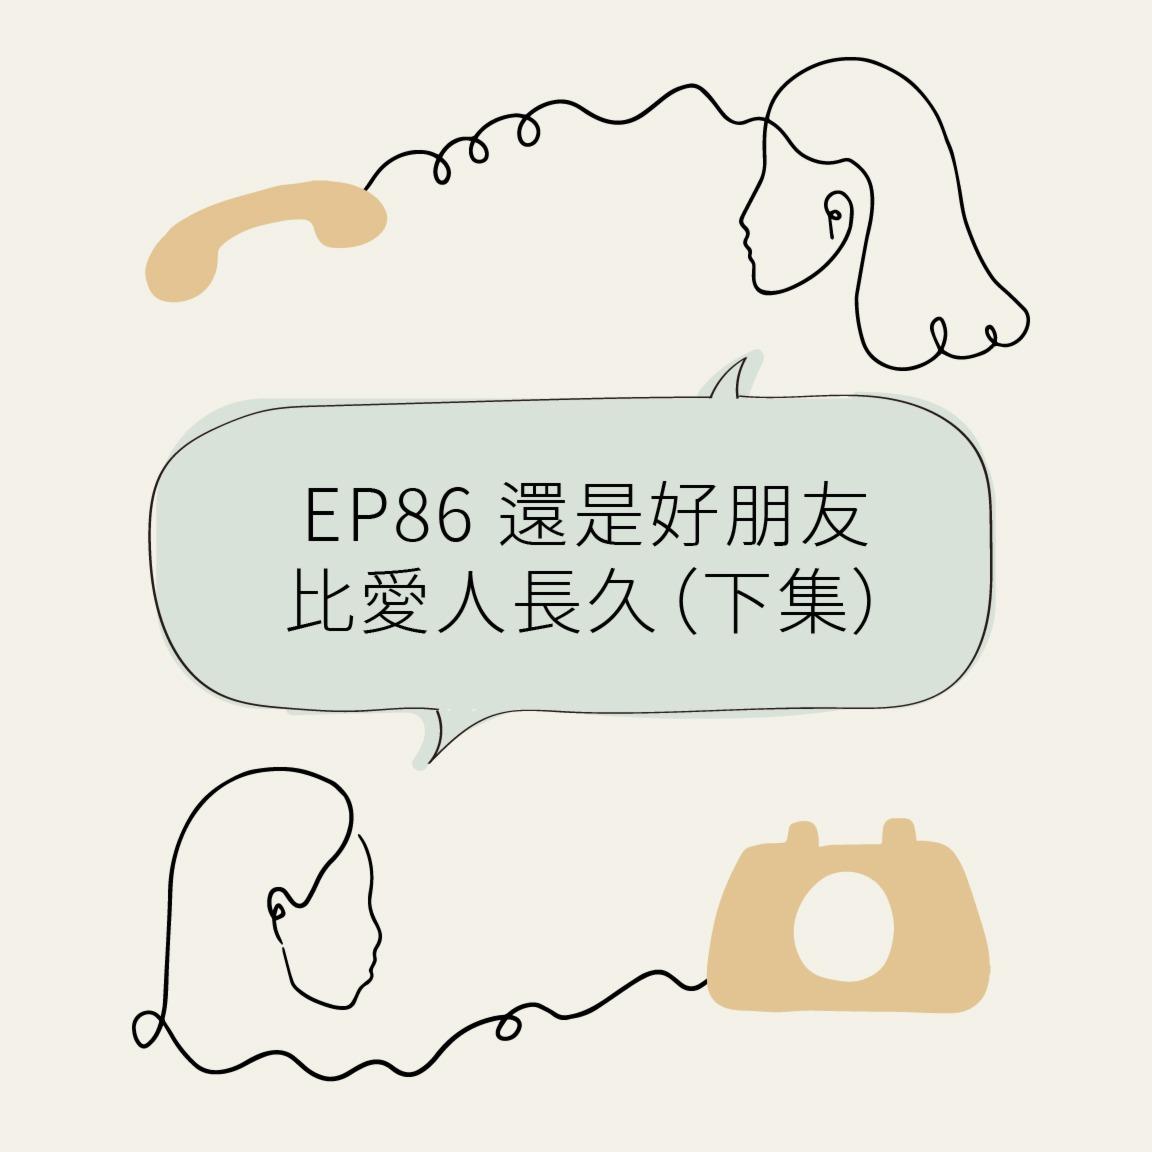 EP86 还是好朋友,比爱人长久(下)